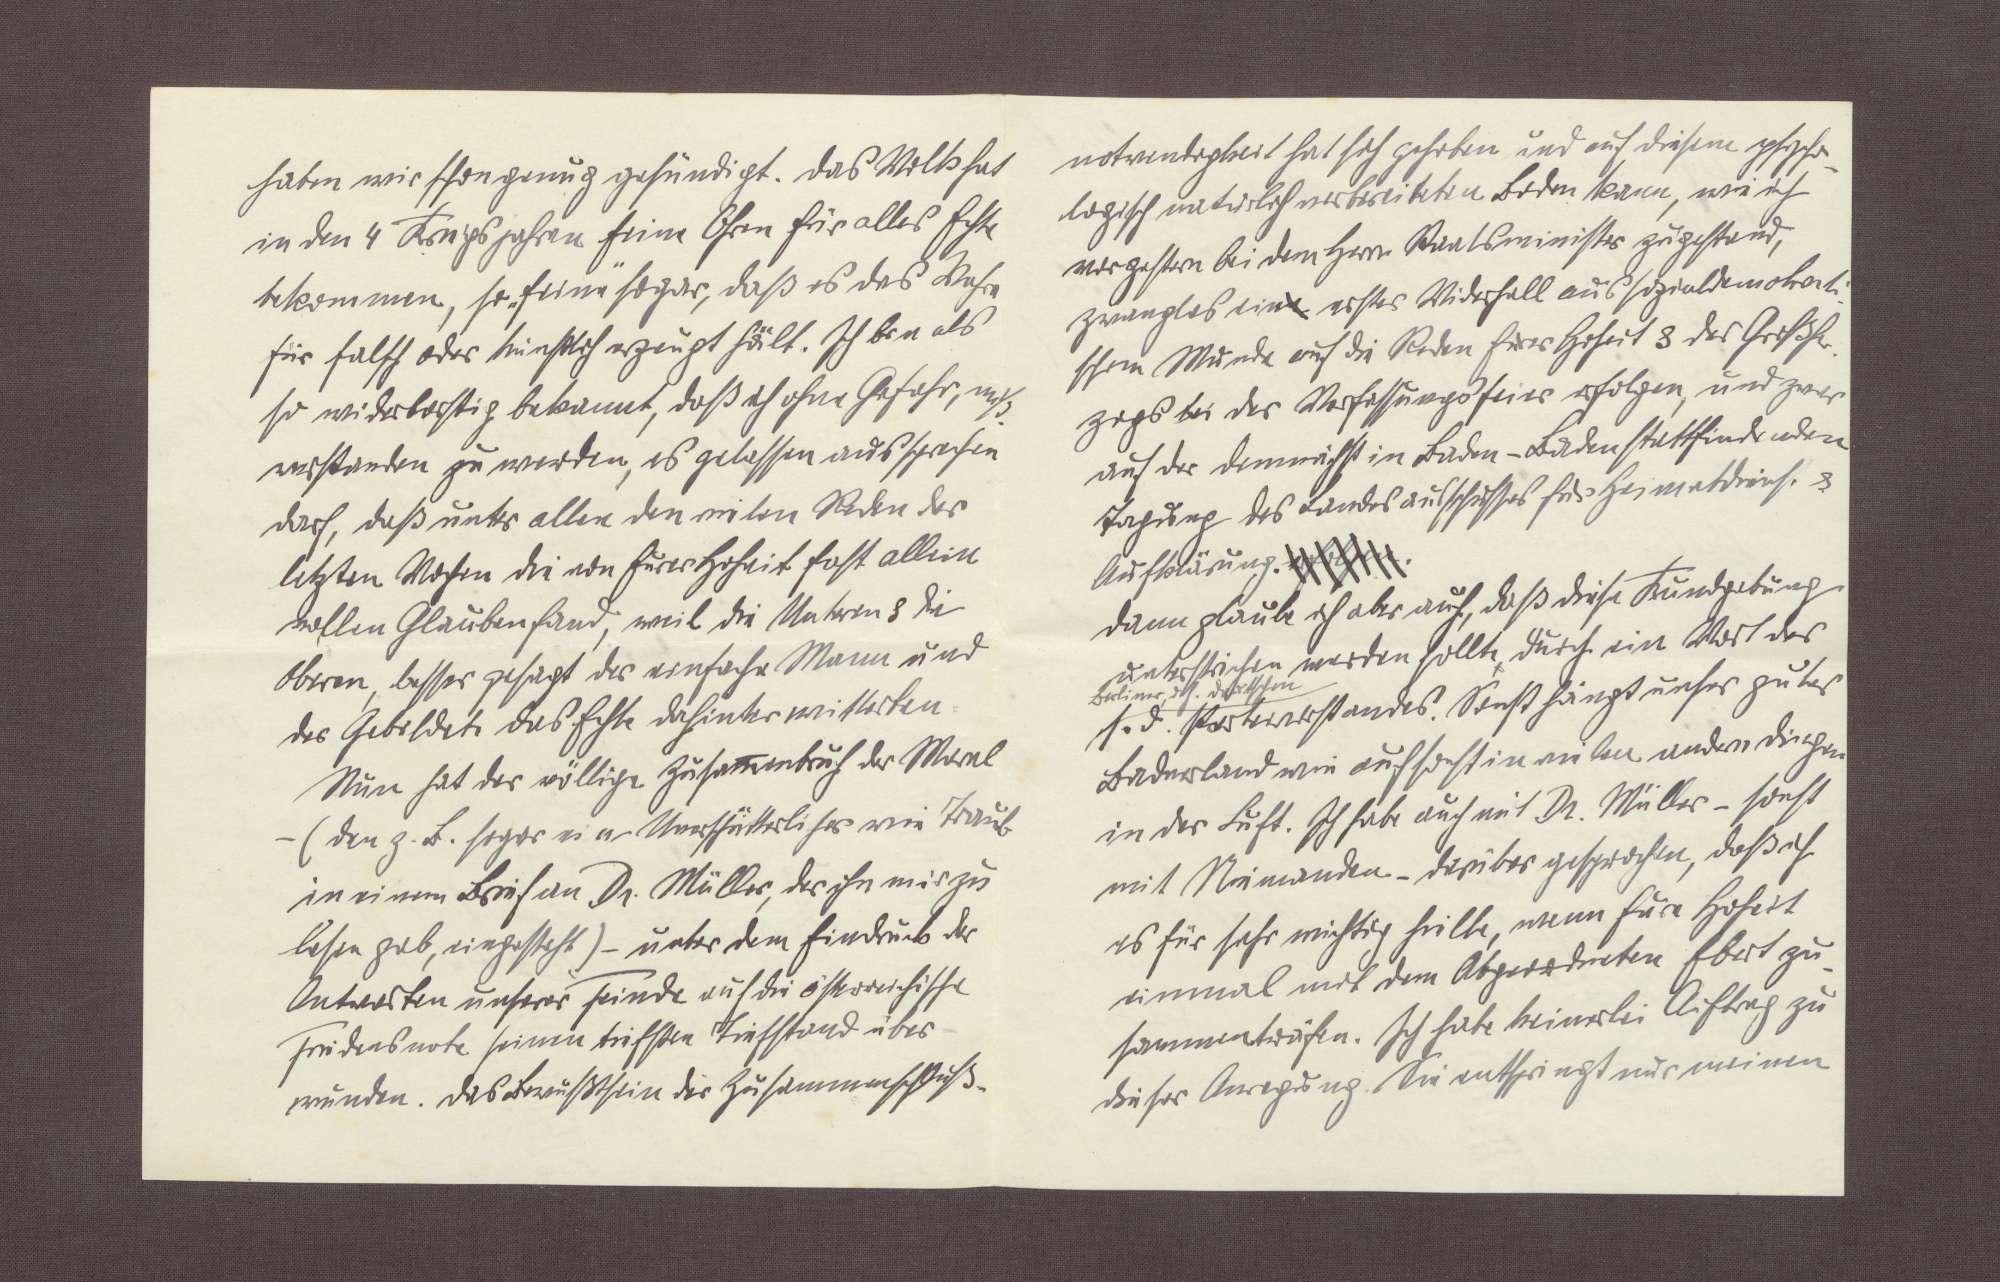 Schreiben von Anton Fendrich an Prinz Max von Baden; Verhältnis der Sozialdemokraten zu Prinz Max, Vorschlag eines Treffens mit Friedrich Ebert, Essener Rede Wilhelms II. [vor Krupp-Arbeitern, 11.9.], Bild 2